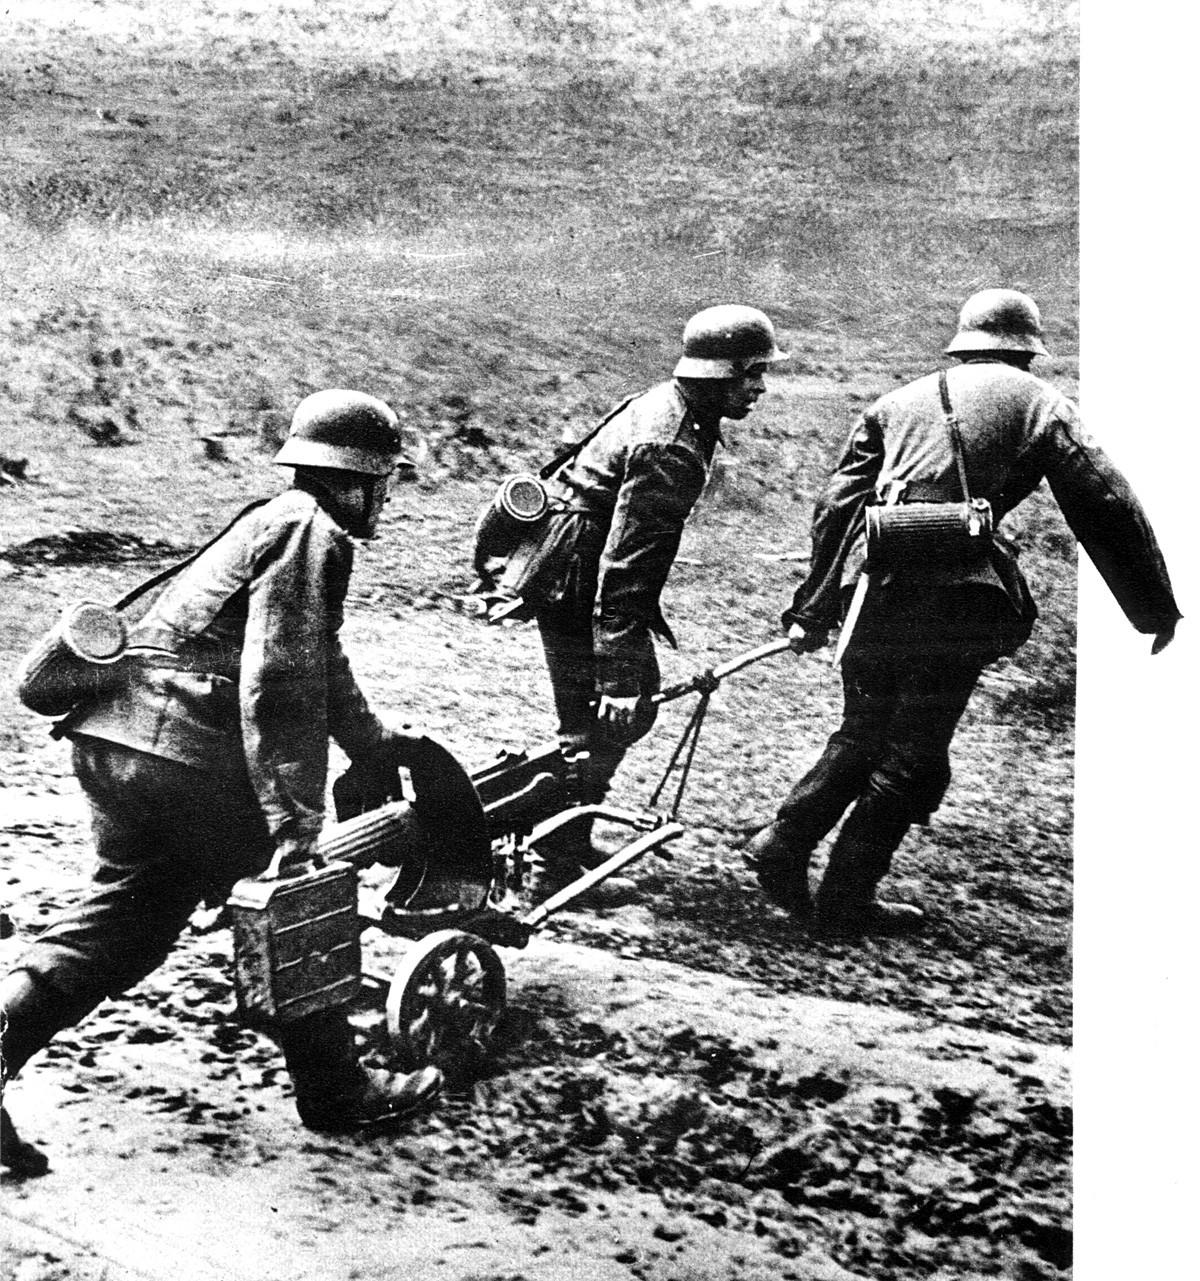 Руси у немачкој армији, Источни фронт 1941-1945. Детаљ немачког пропагандног плаката.